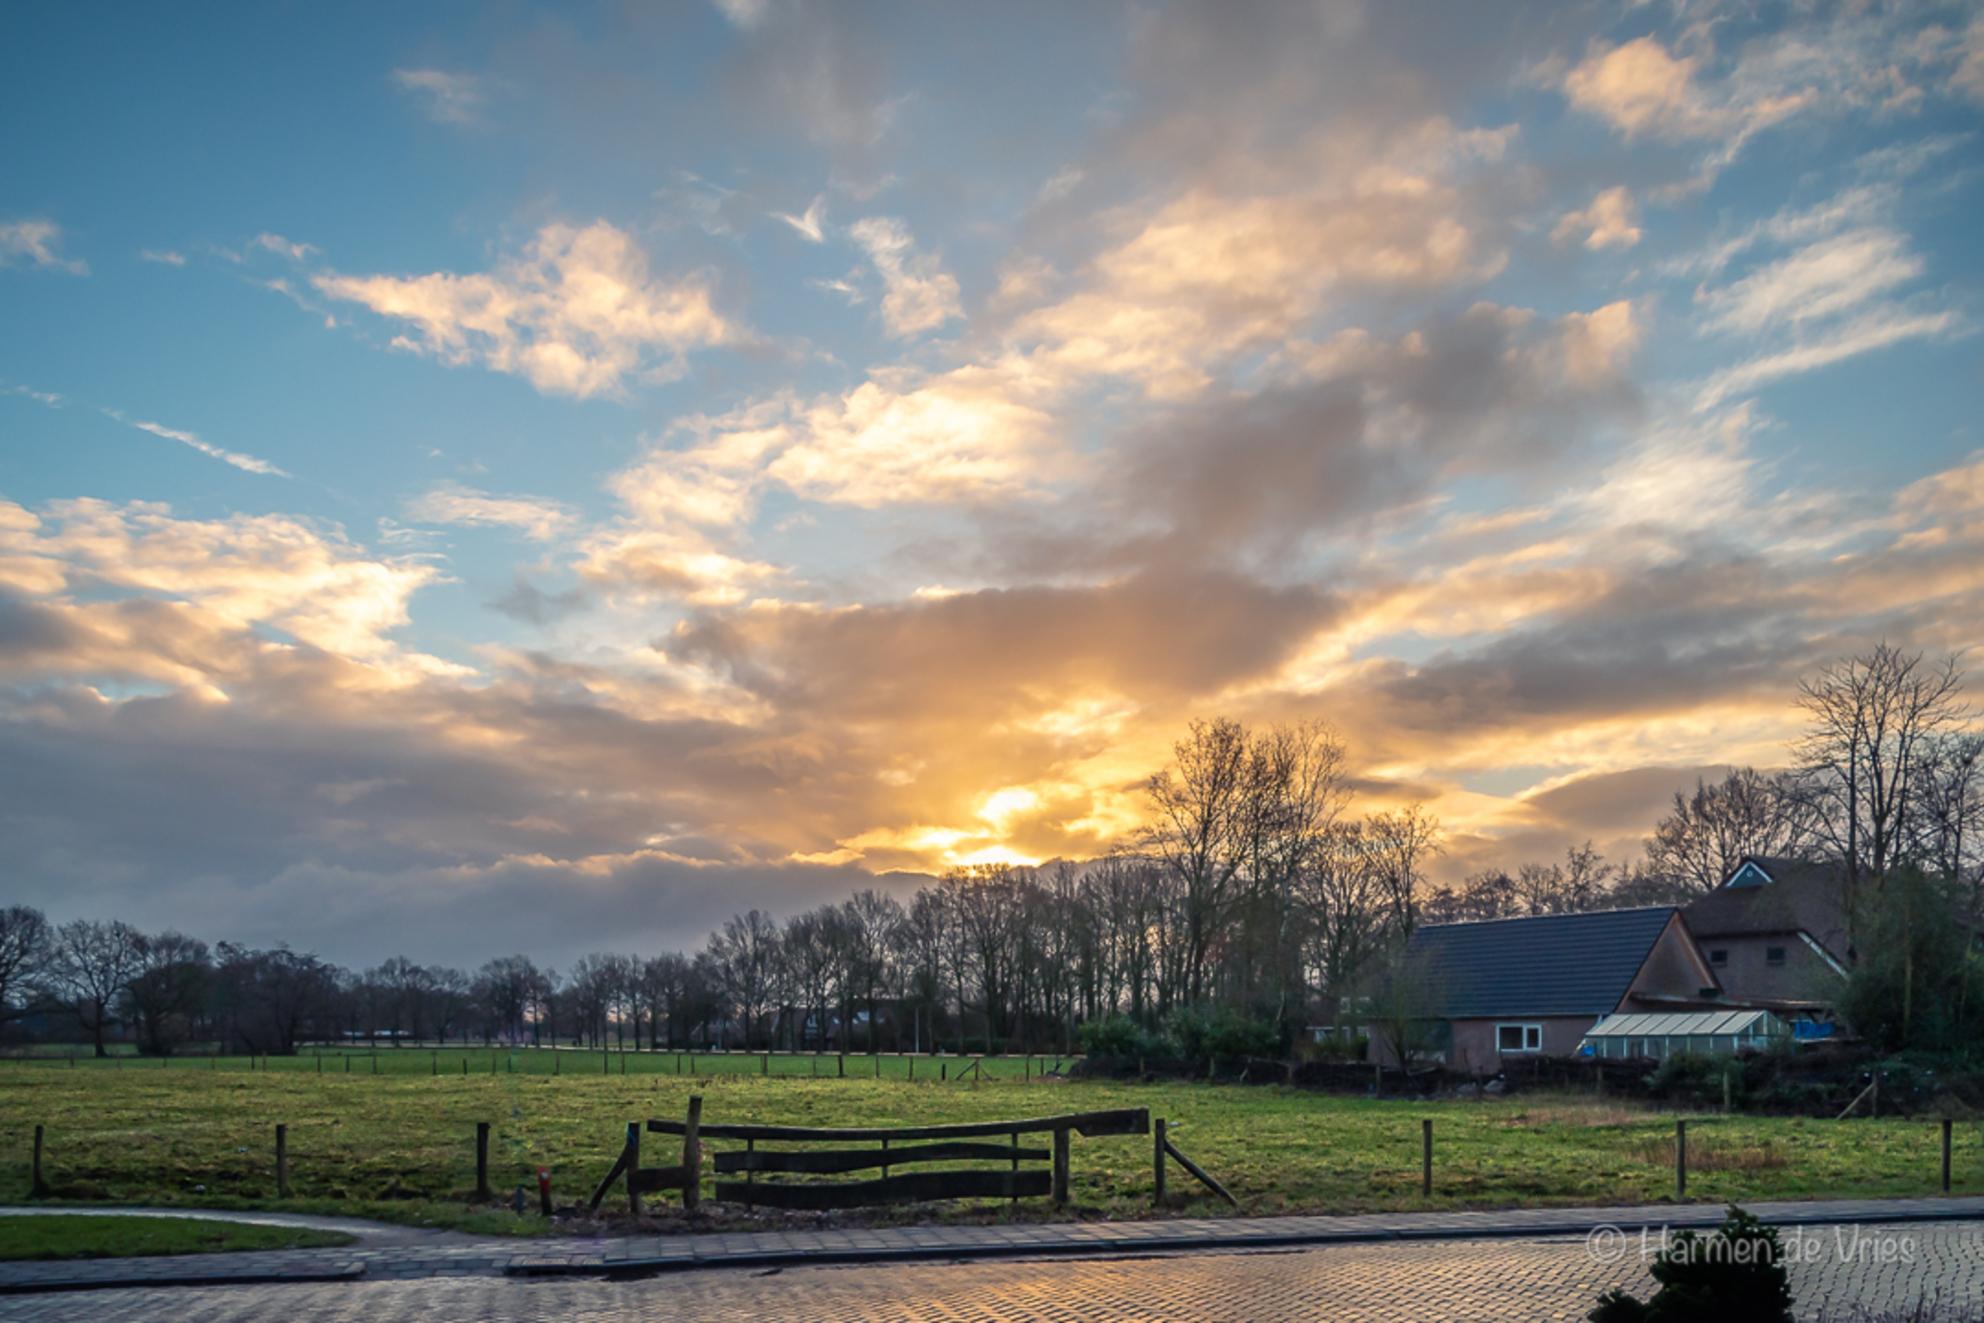 Goeiemorgen ! - Goeiemorgen! Wat een prachtige verrassing bij het naar buiten kijken net nadat je wakker geworden bent.   Met het toepassen van wat ik opgestoken h - foto door hjdevries op 26-02-2021 - deze foto bevat: lucht, wolken, zon, natuur, licht, landschap, tegenlicht, nederland - Deze foto mag gebruikt worden in een Zoom.nl publicatie